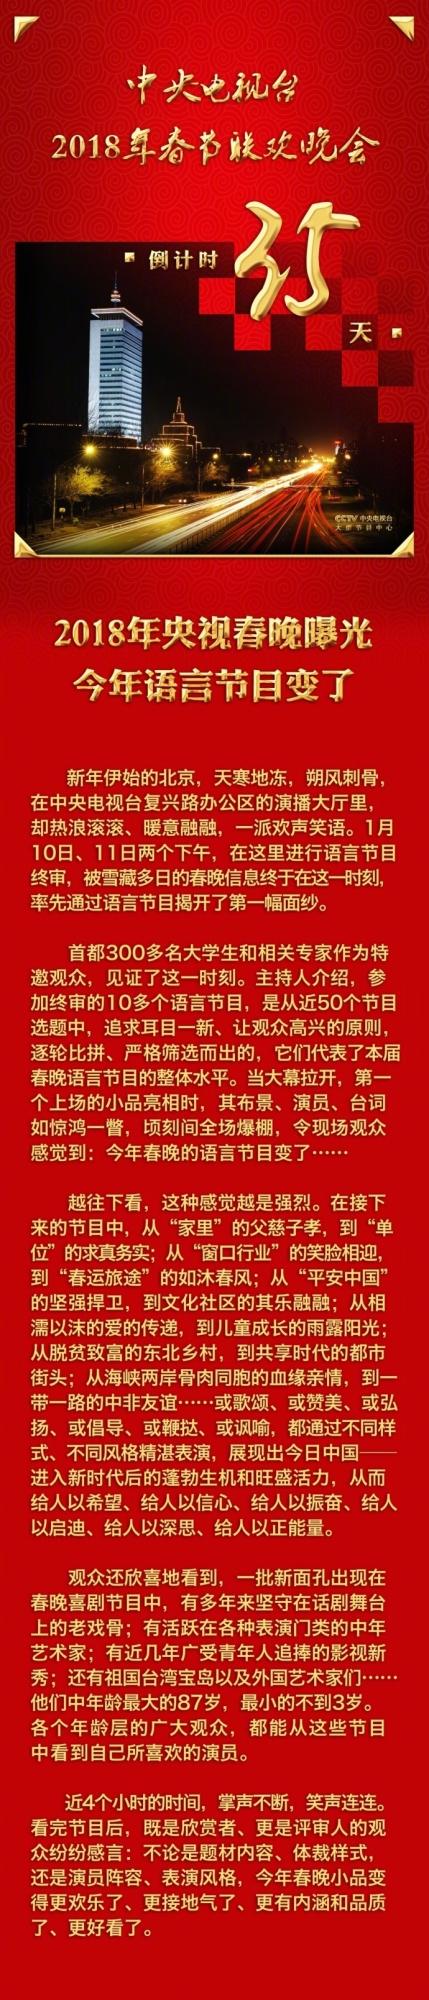 剧透!央视春晚:今年语言节目变了  郭冬临现身秦海璐与孙涛搭档